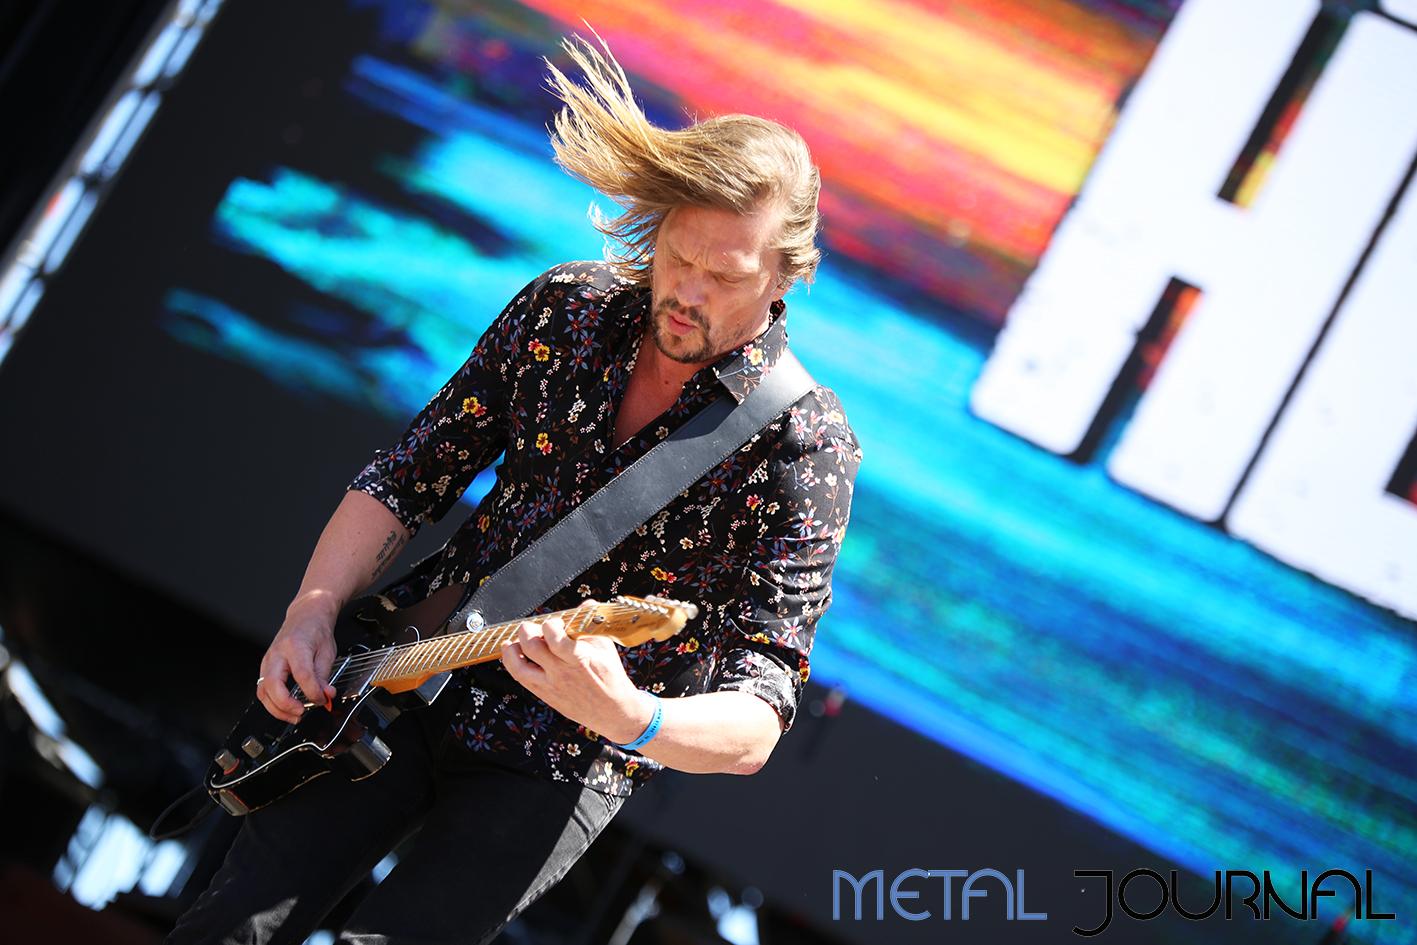 von hertzen brothers metal journal rock the coast 2019 pic 1